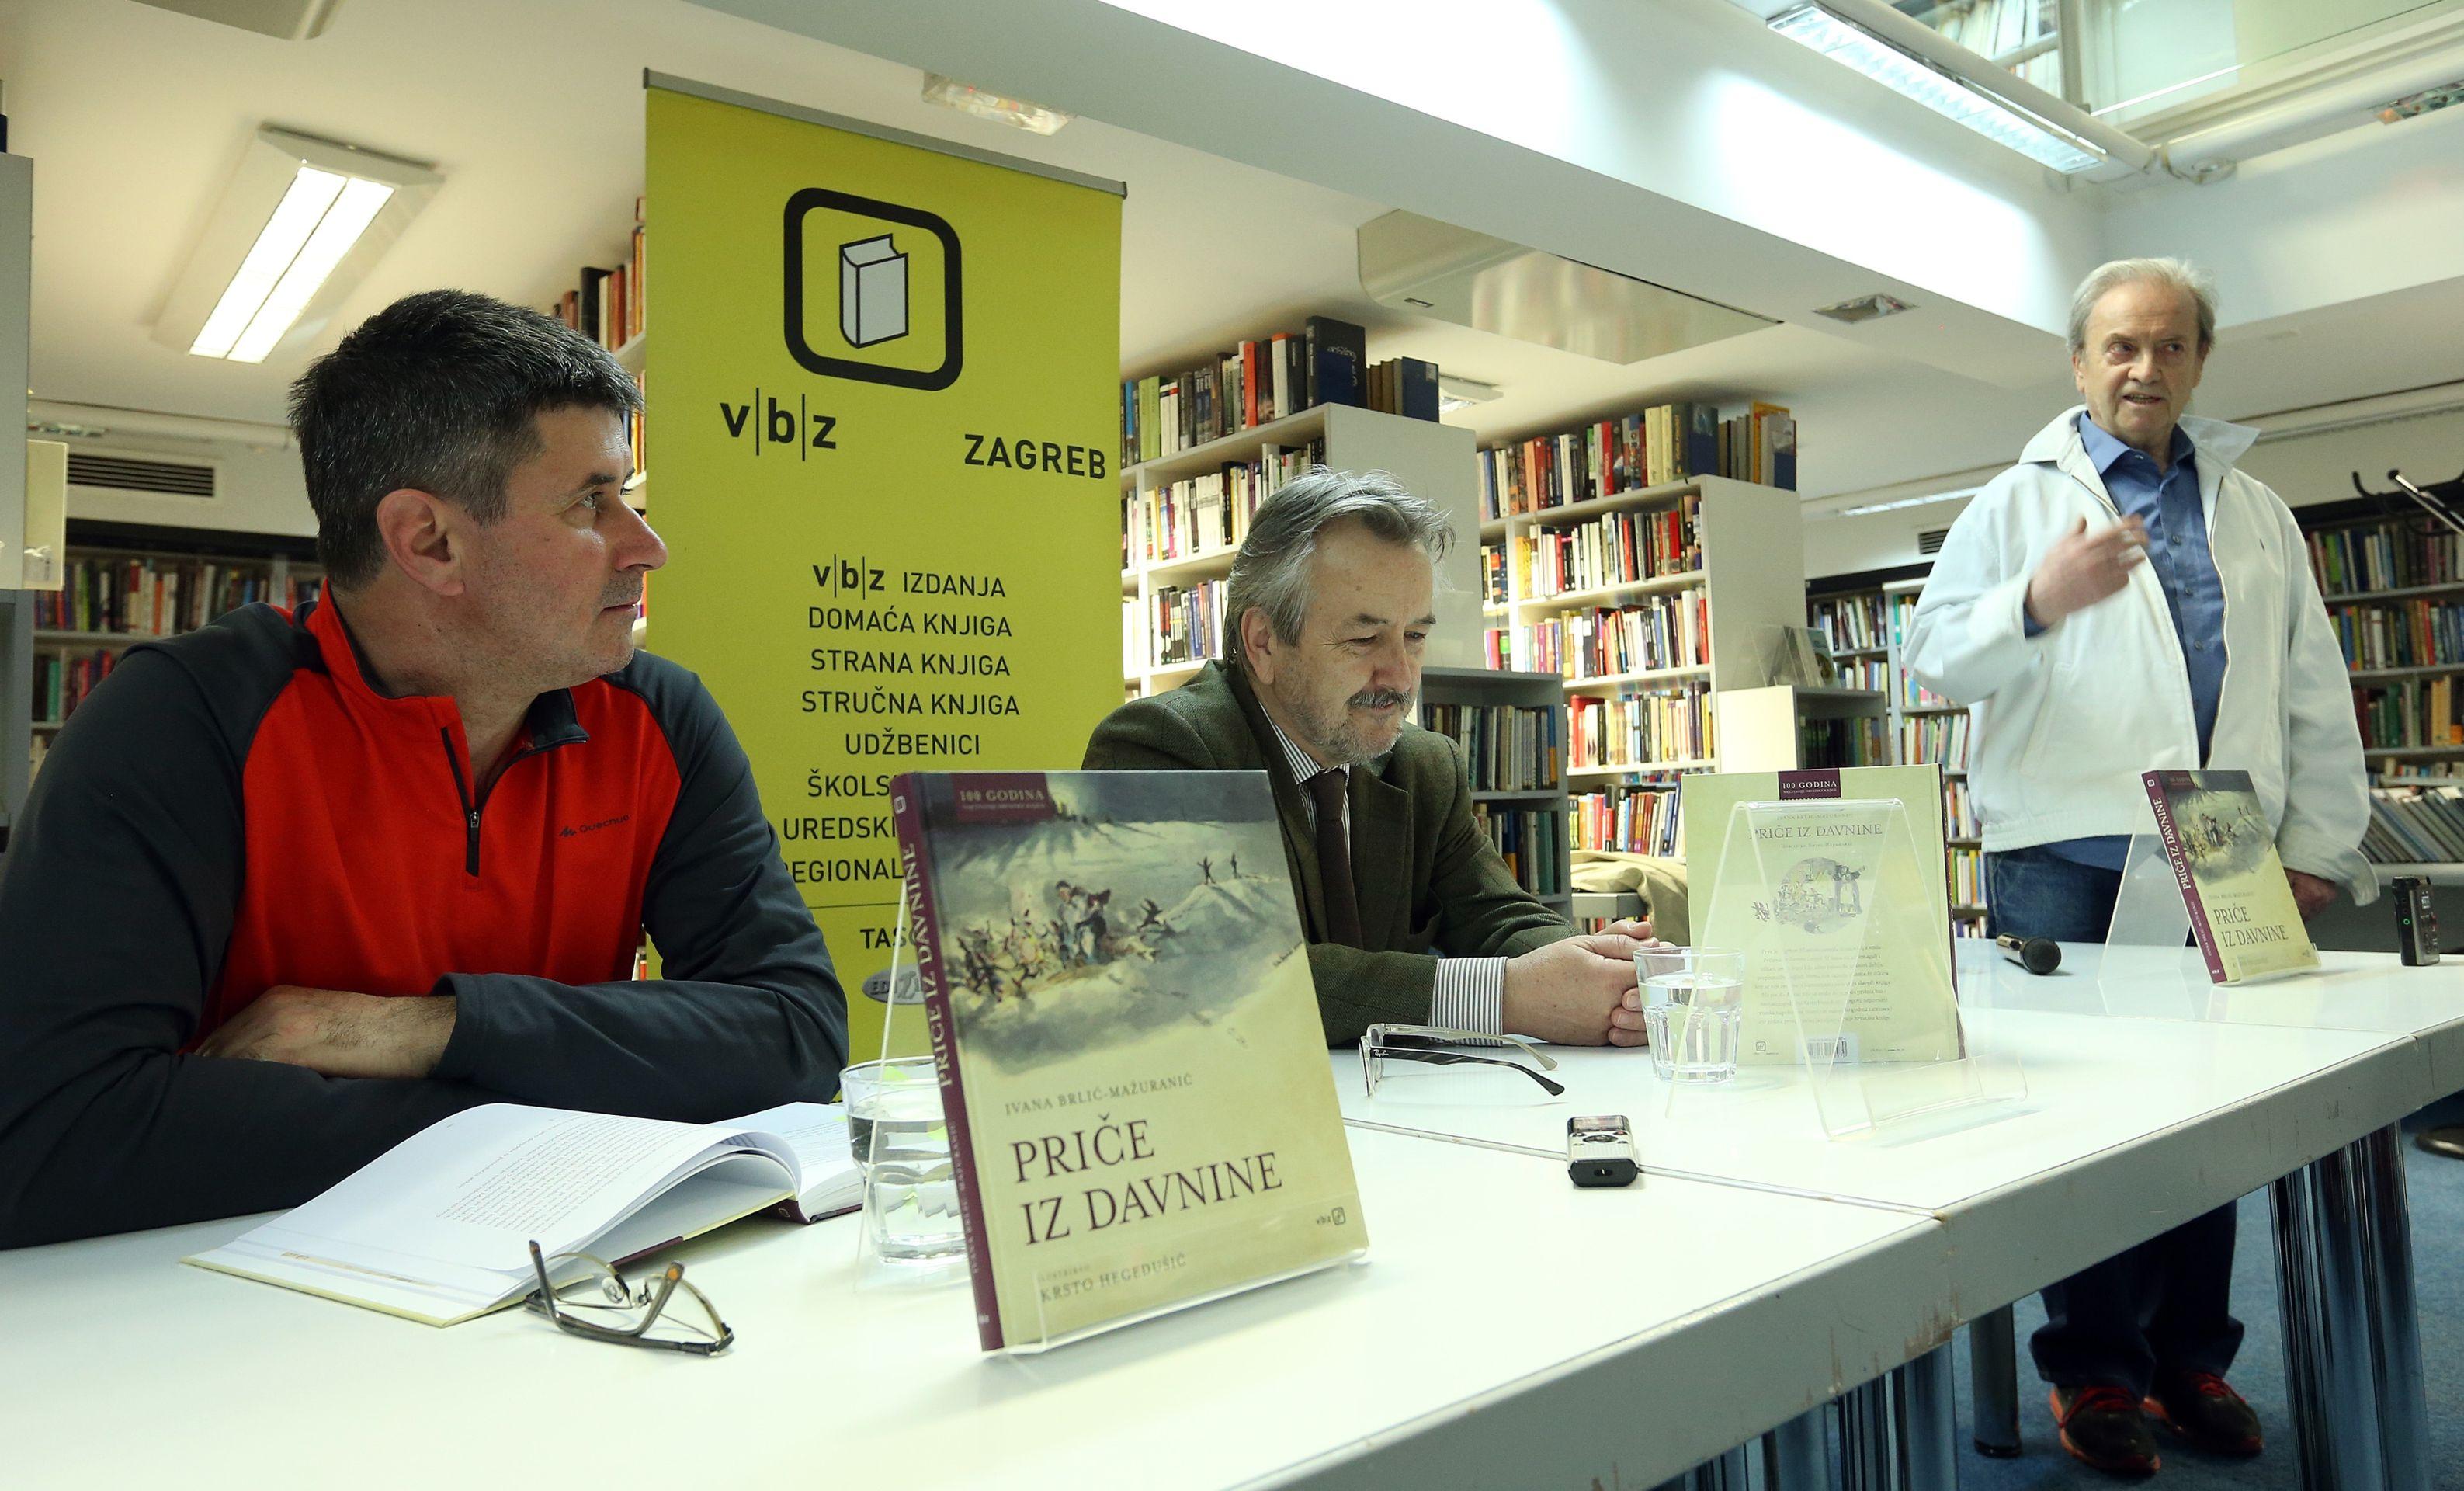 O stoljeću objavljivanja 'Priča iz davnine' Ivane Brlić-Mažuranić predstavljeno posebno izdanje te knjige